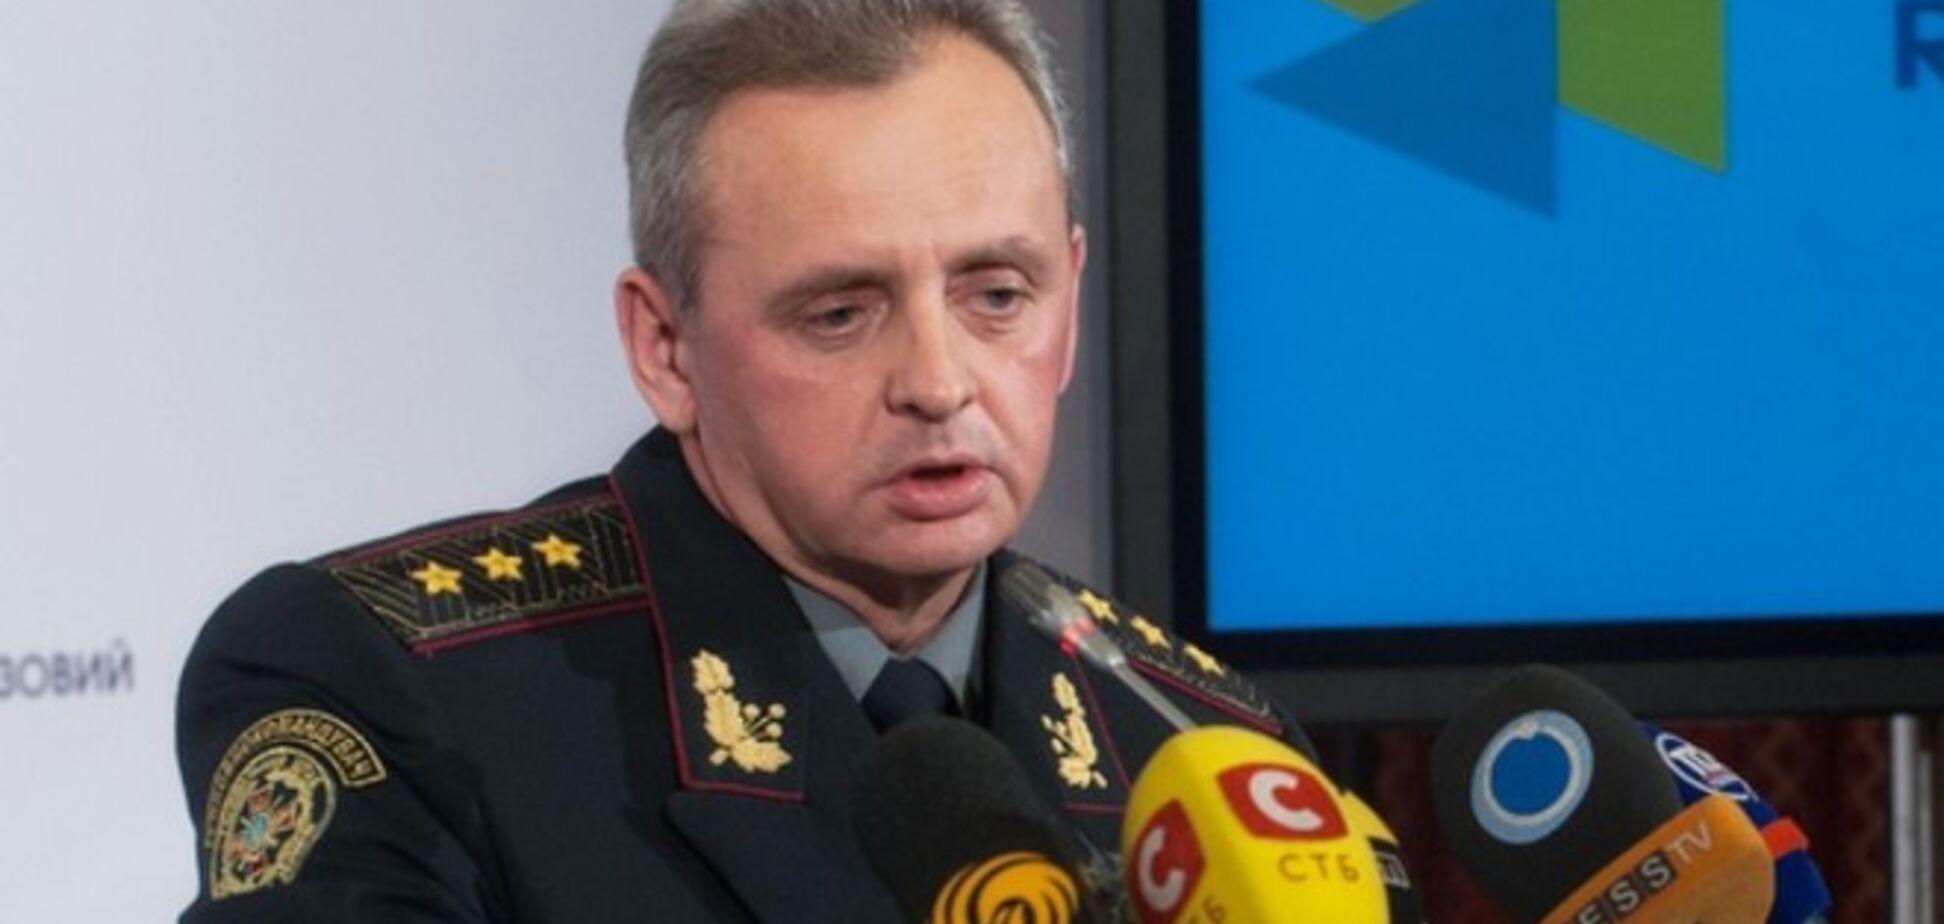 В Генштабе заявляют о доказательствах присутствия российских военных на Донбассе: но с регулярными войсками ВСУ не сражаются